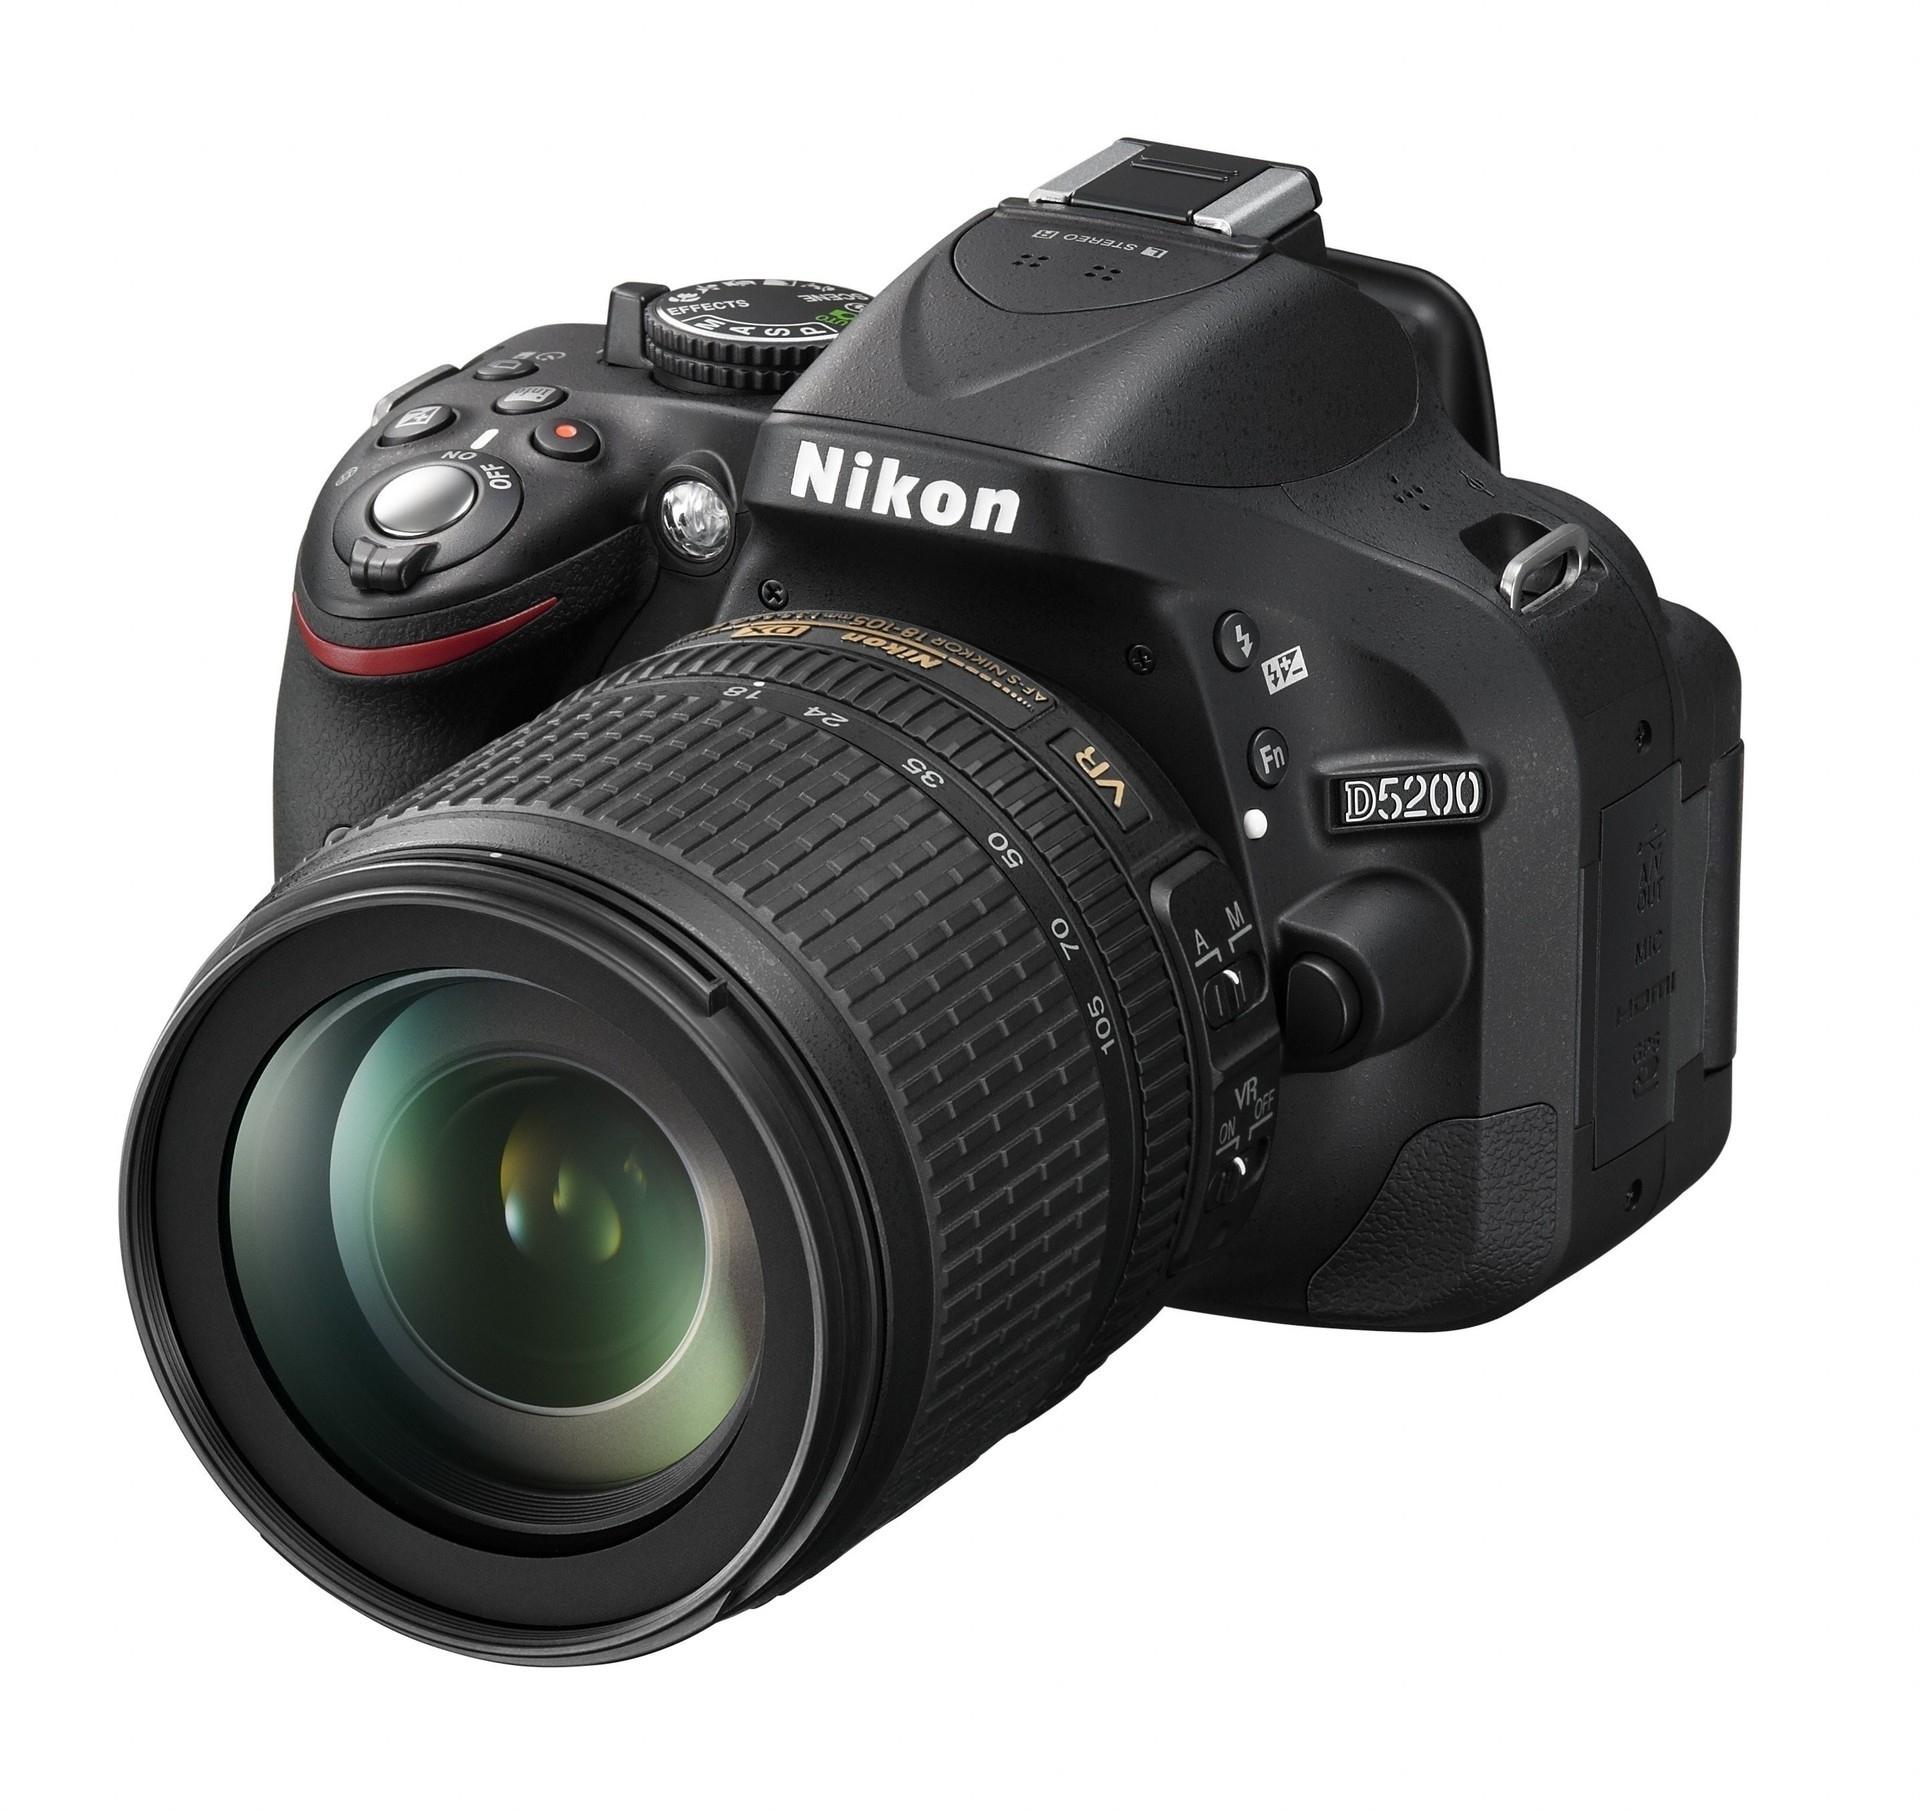 Зеркальный фотоаппарат Nikon D7200 Kit 18-105 VRЦифровые зеркальные фотоаппараты<br><br><br>Стабилизатор изображения: нет<br>Носители информации: SD, SDHC, SDXC<br>Видеорежим: есть<br>Звук в видеоклипе: есть<br>Вспышка: есть<br>Кроп фактор: 1.5<br>Тип матрицы: CMOS<br>Размер матрицы: APS-C (23.5 x 15.6 мм)<br>Число эффективных пикселов, Mp: 24.2 млн<br>Чувствительность: 100 - 3200 ISO, Auto ISO